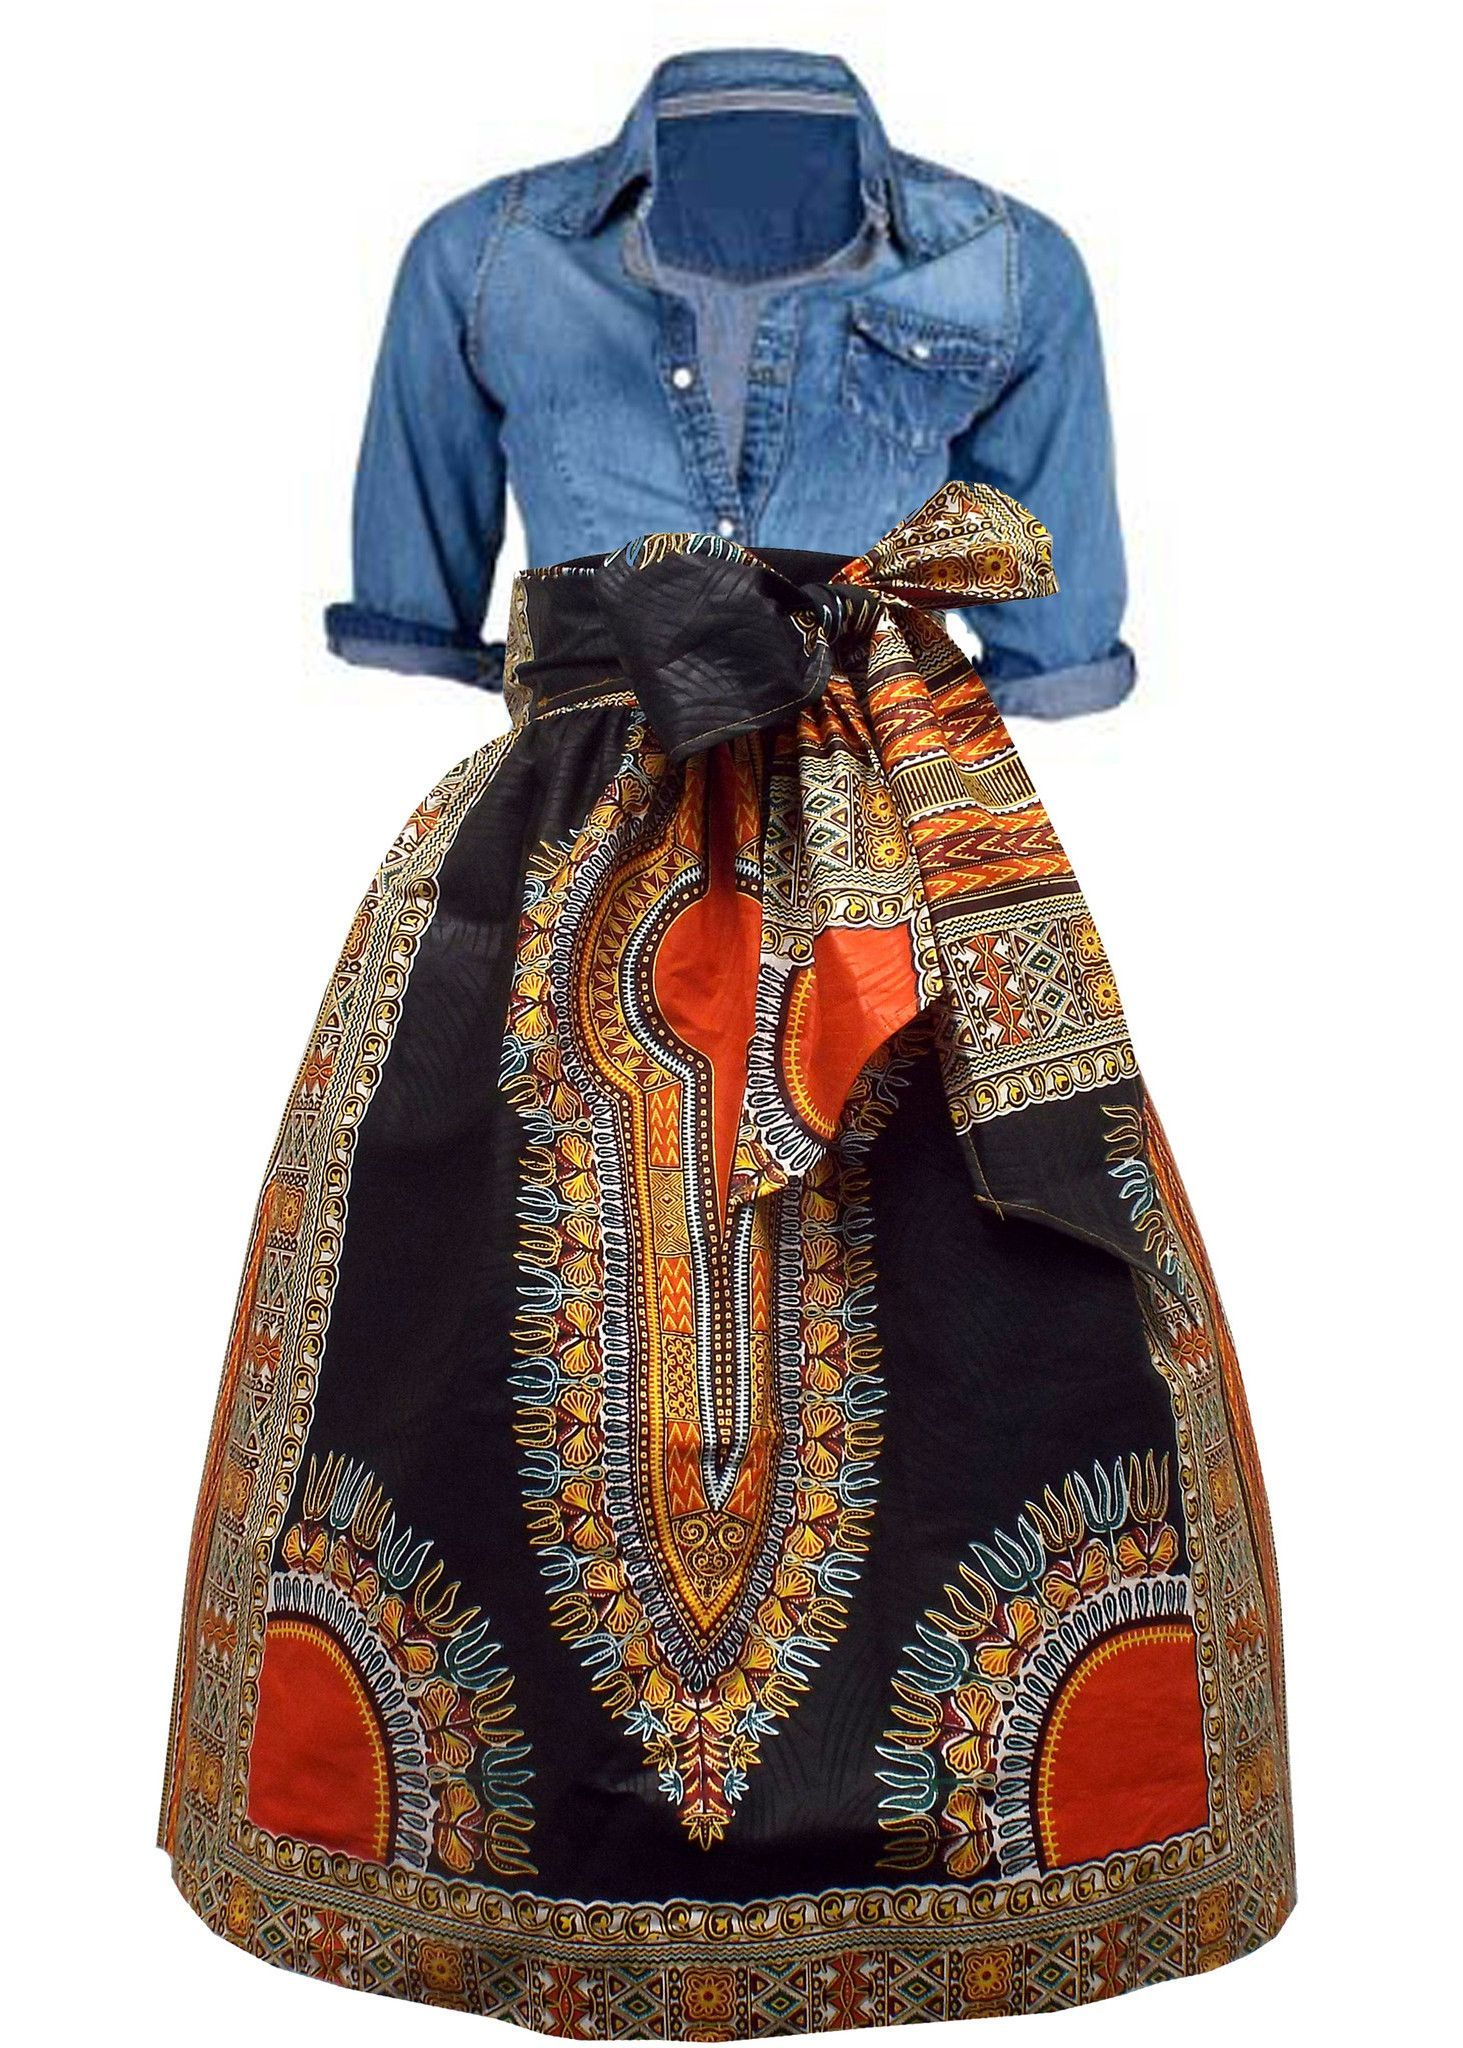 Naya African Print Dashiki Midi Skirt with Sash Black Orange in